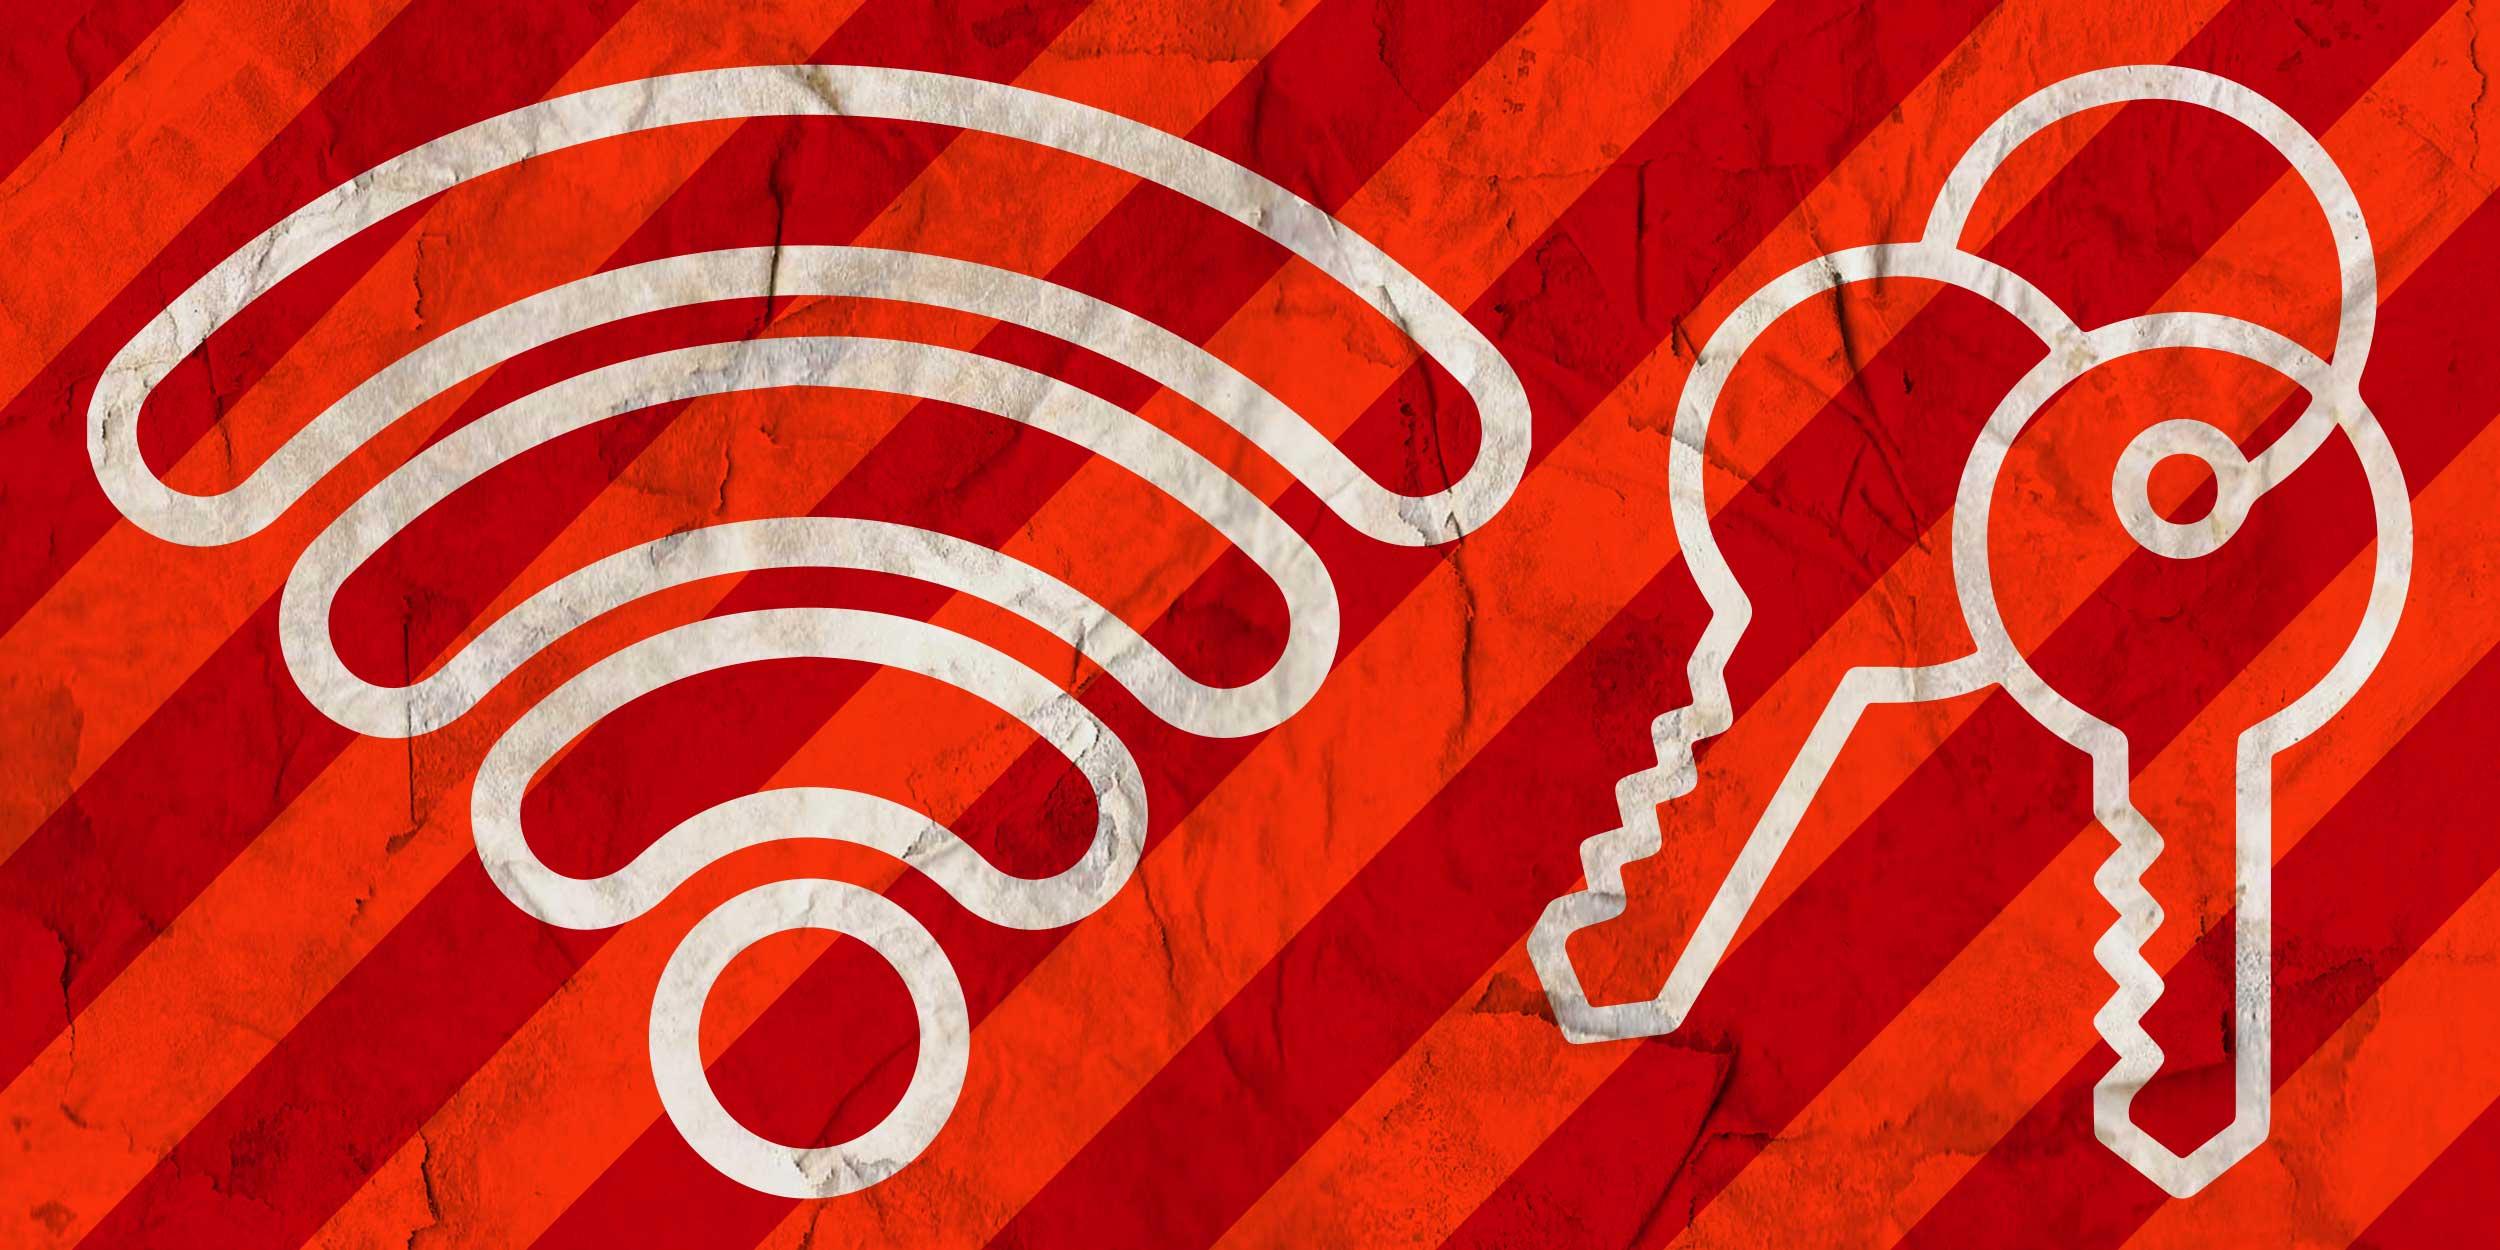 Как узнать пароль от своего Wi-Fi в Windows?